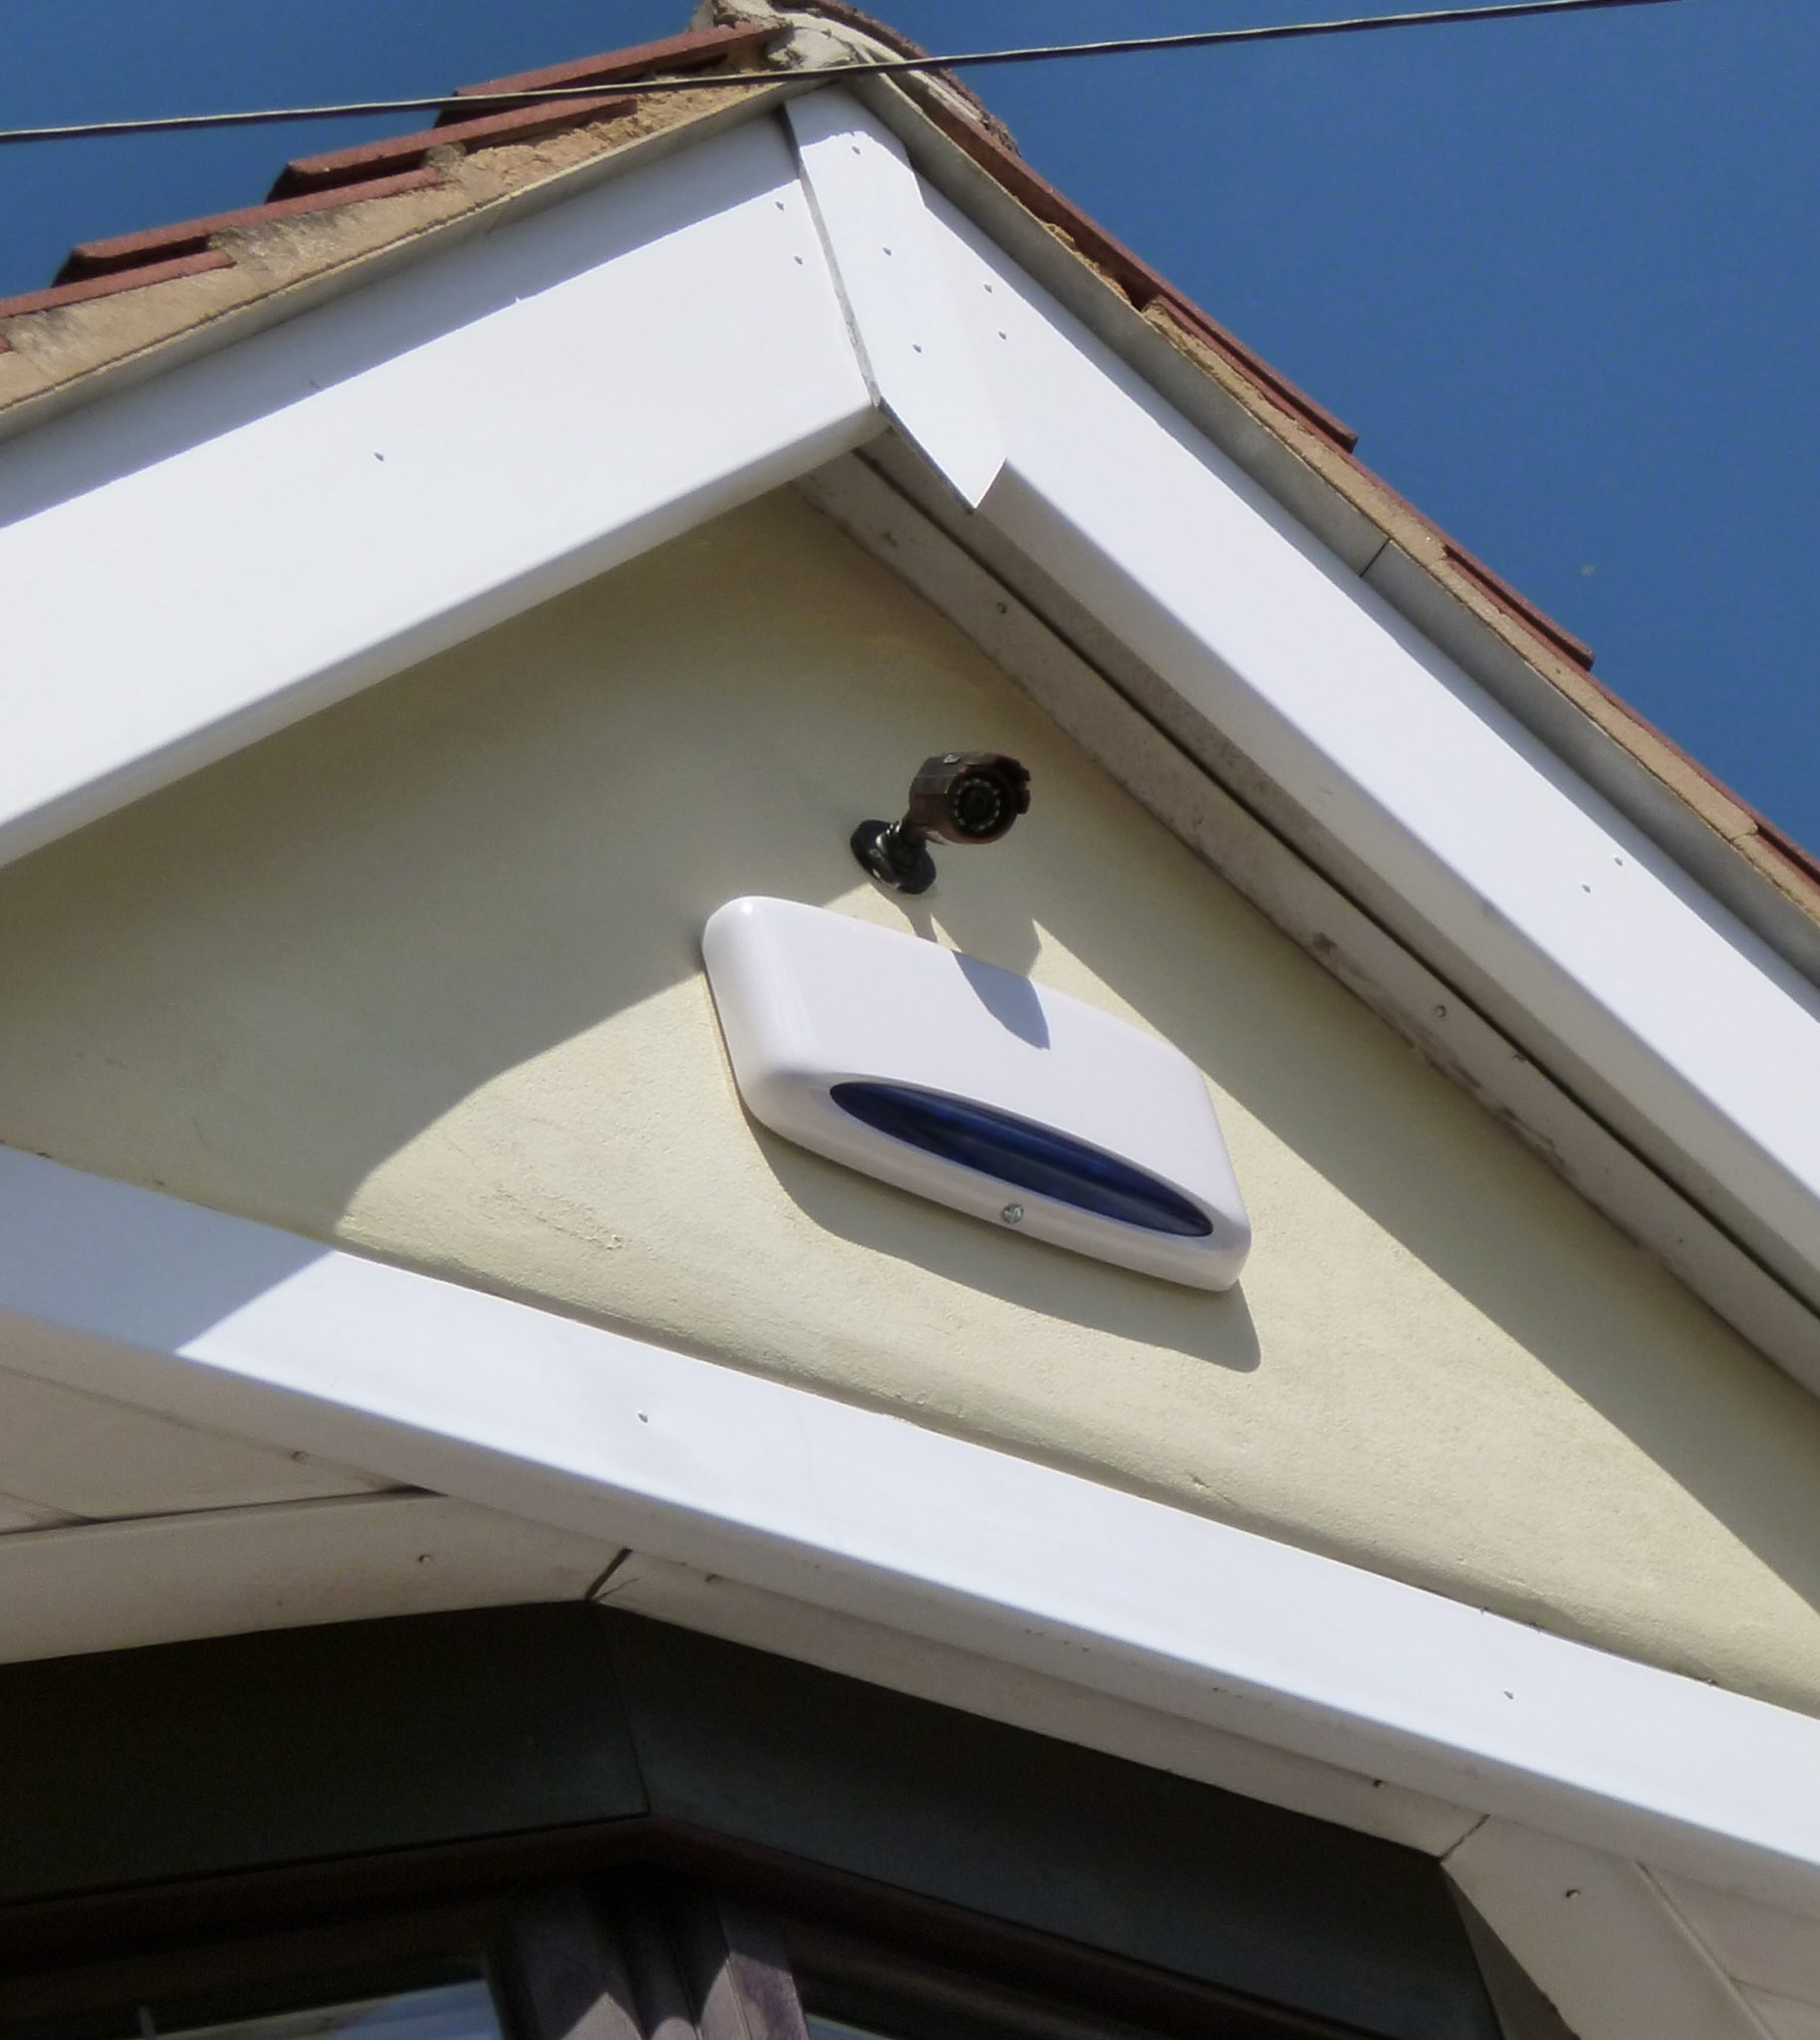 Home_Intruder_Alarm_system